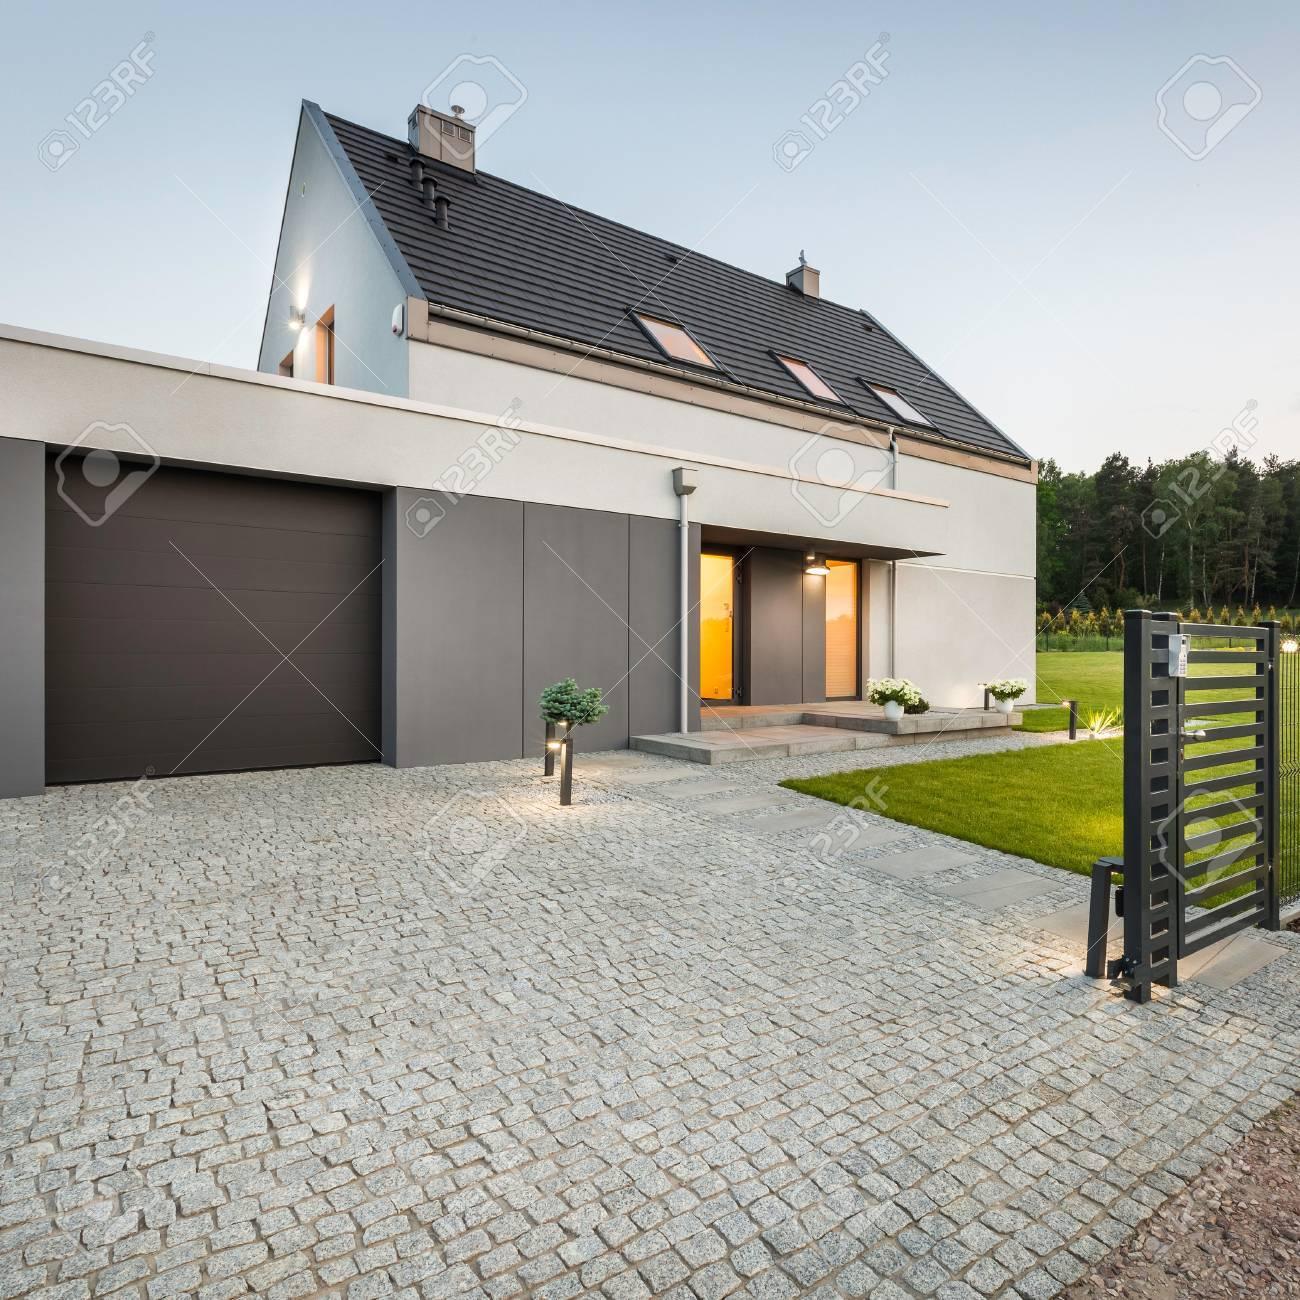 Künstlerisch Garage Am Haus Dekoration Von Stein Einfahrt, Und Großem Garten Design-, Außenansicht